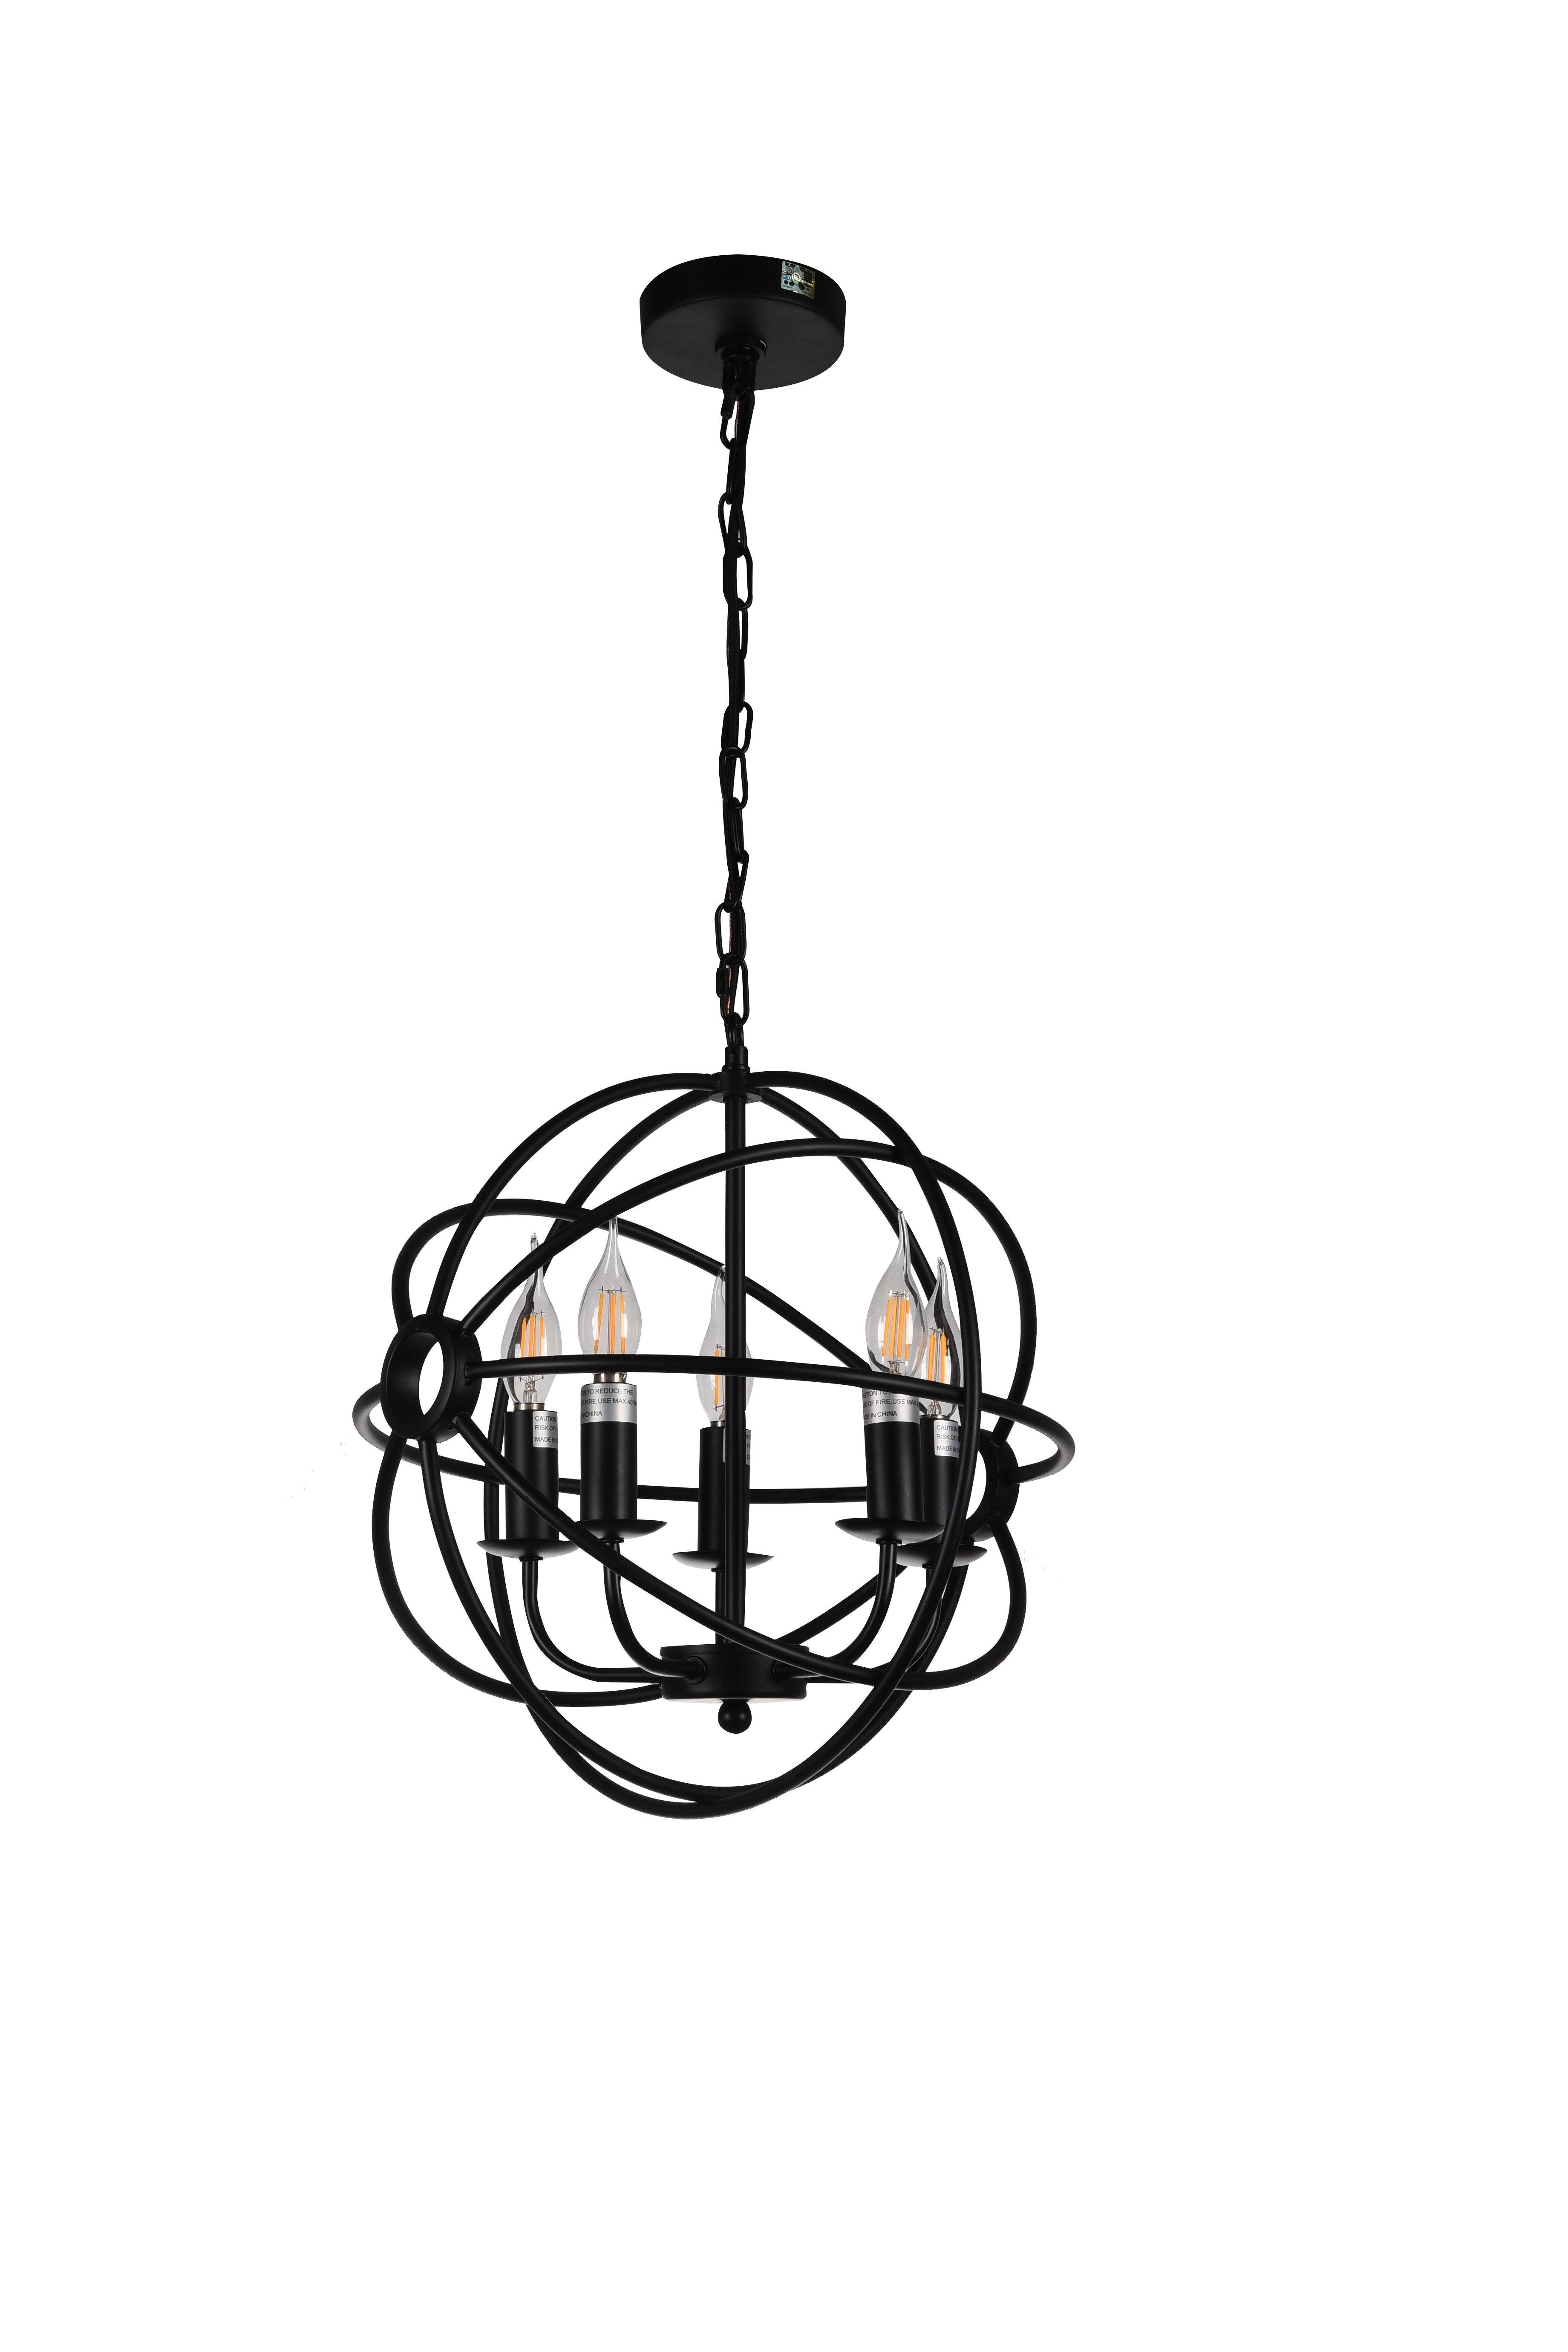 Gaffney 5-Light Globe Chandelier for Shipststour 3-Light Globe Chandeliers (Image 13 of 30)